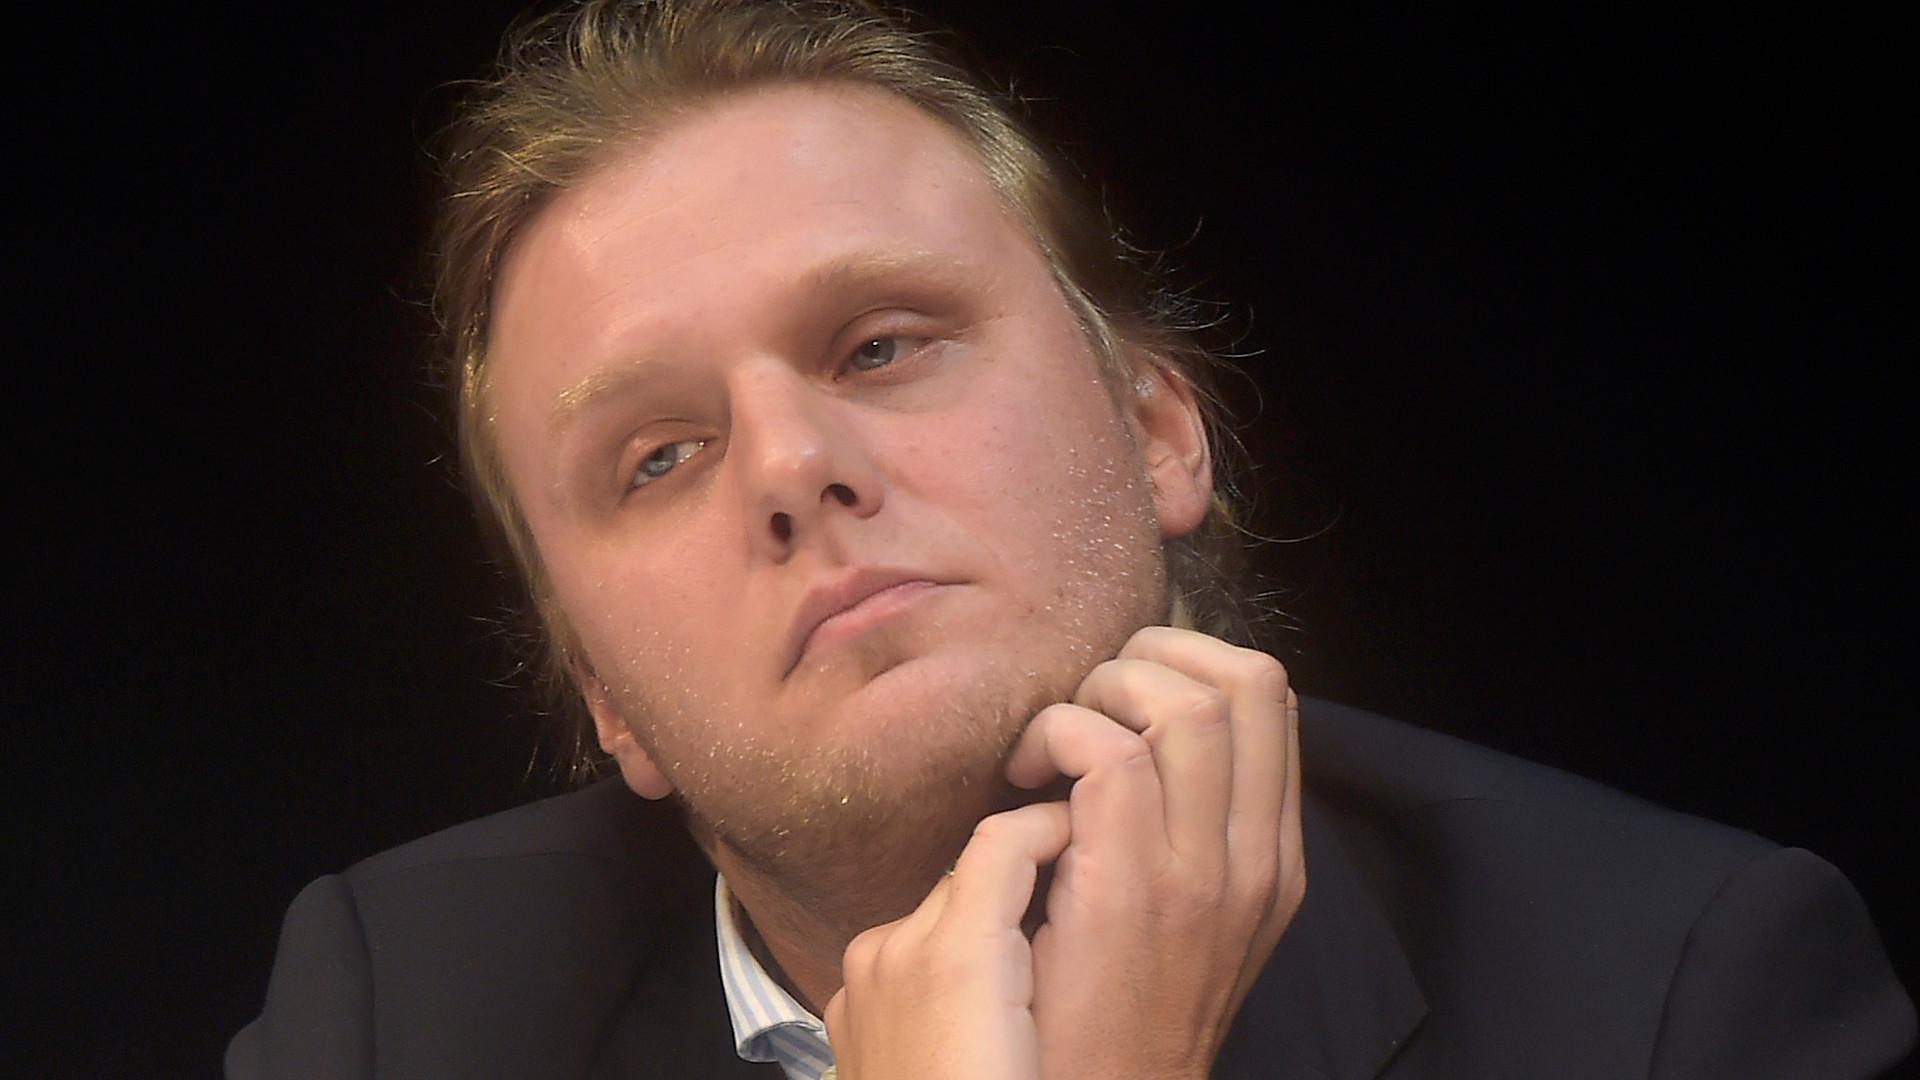 Piotr Woźniak-Starak – koniec śledztwa w sprawie śmierci męża Agnieszki Woźniak-Starak